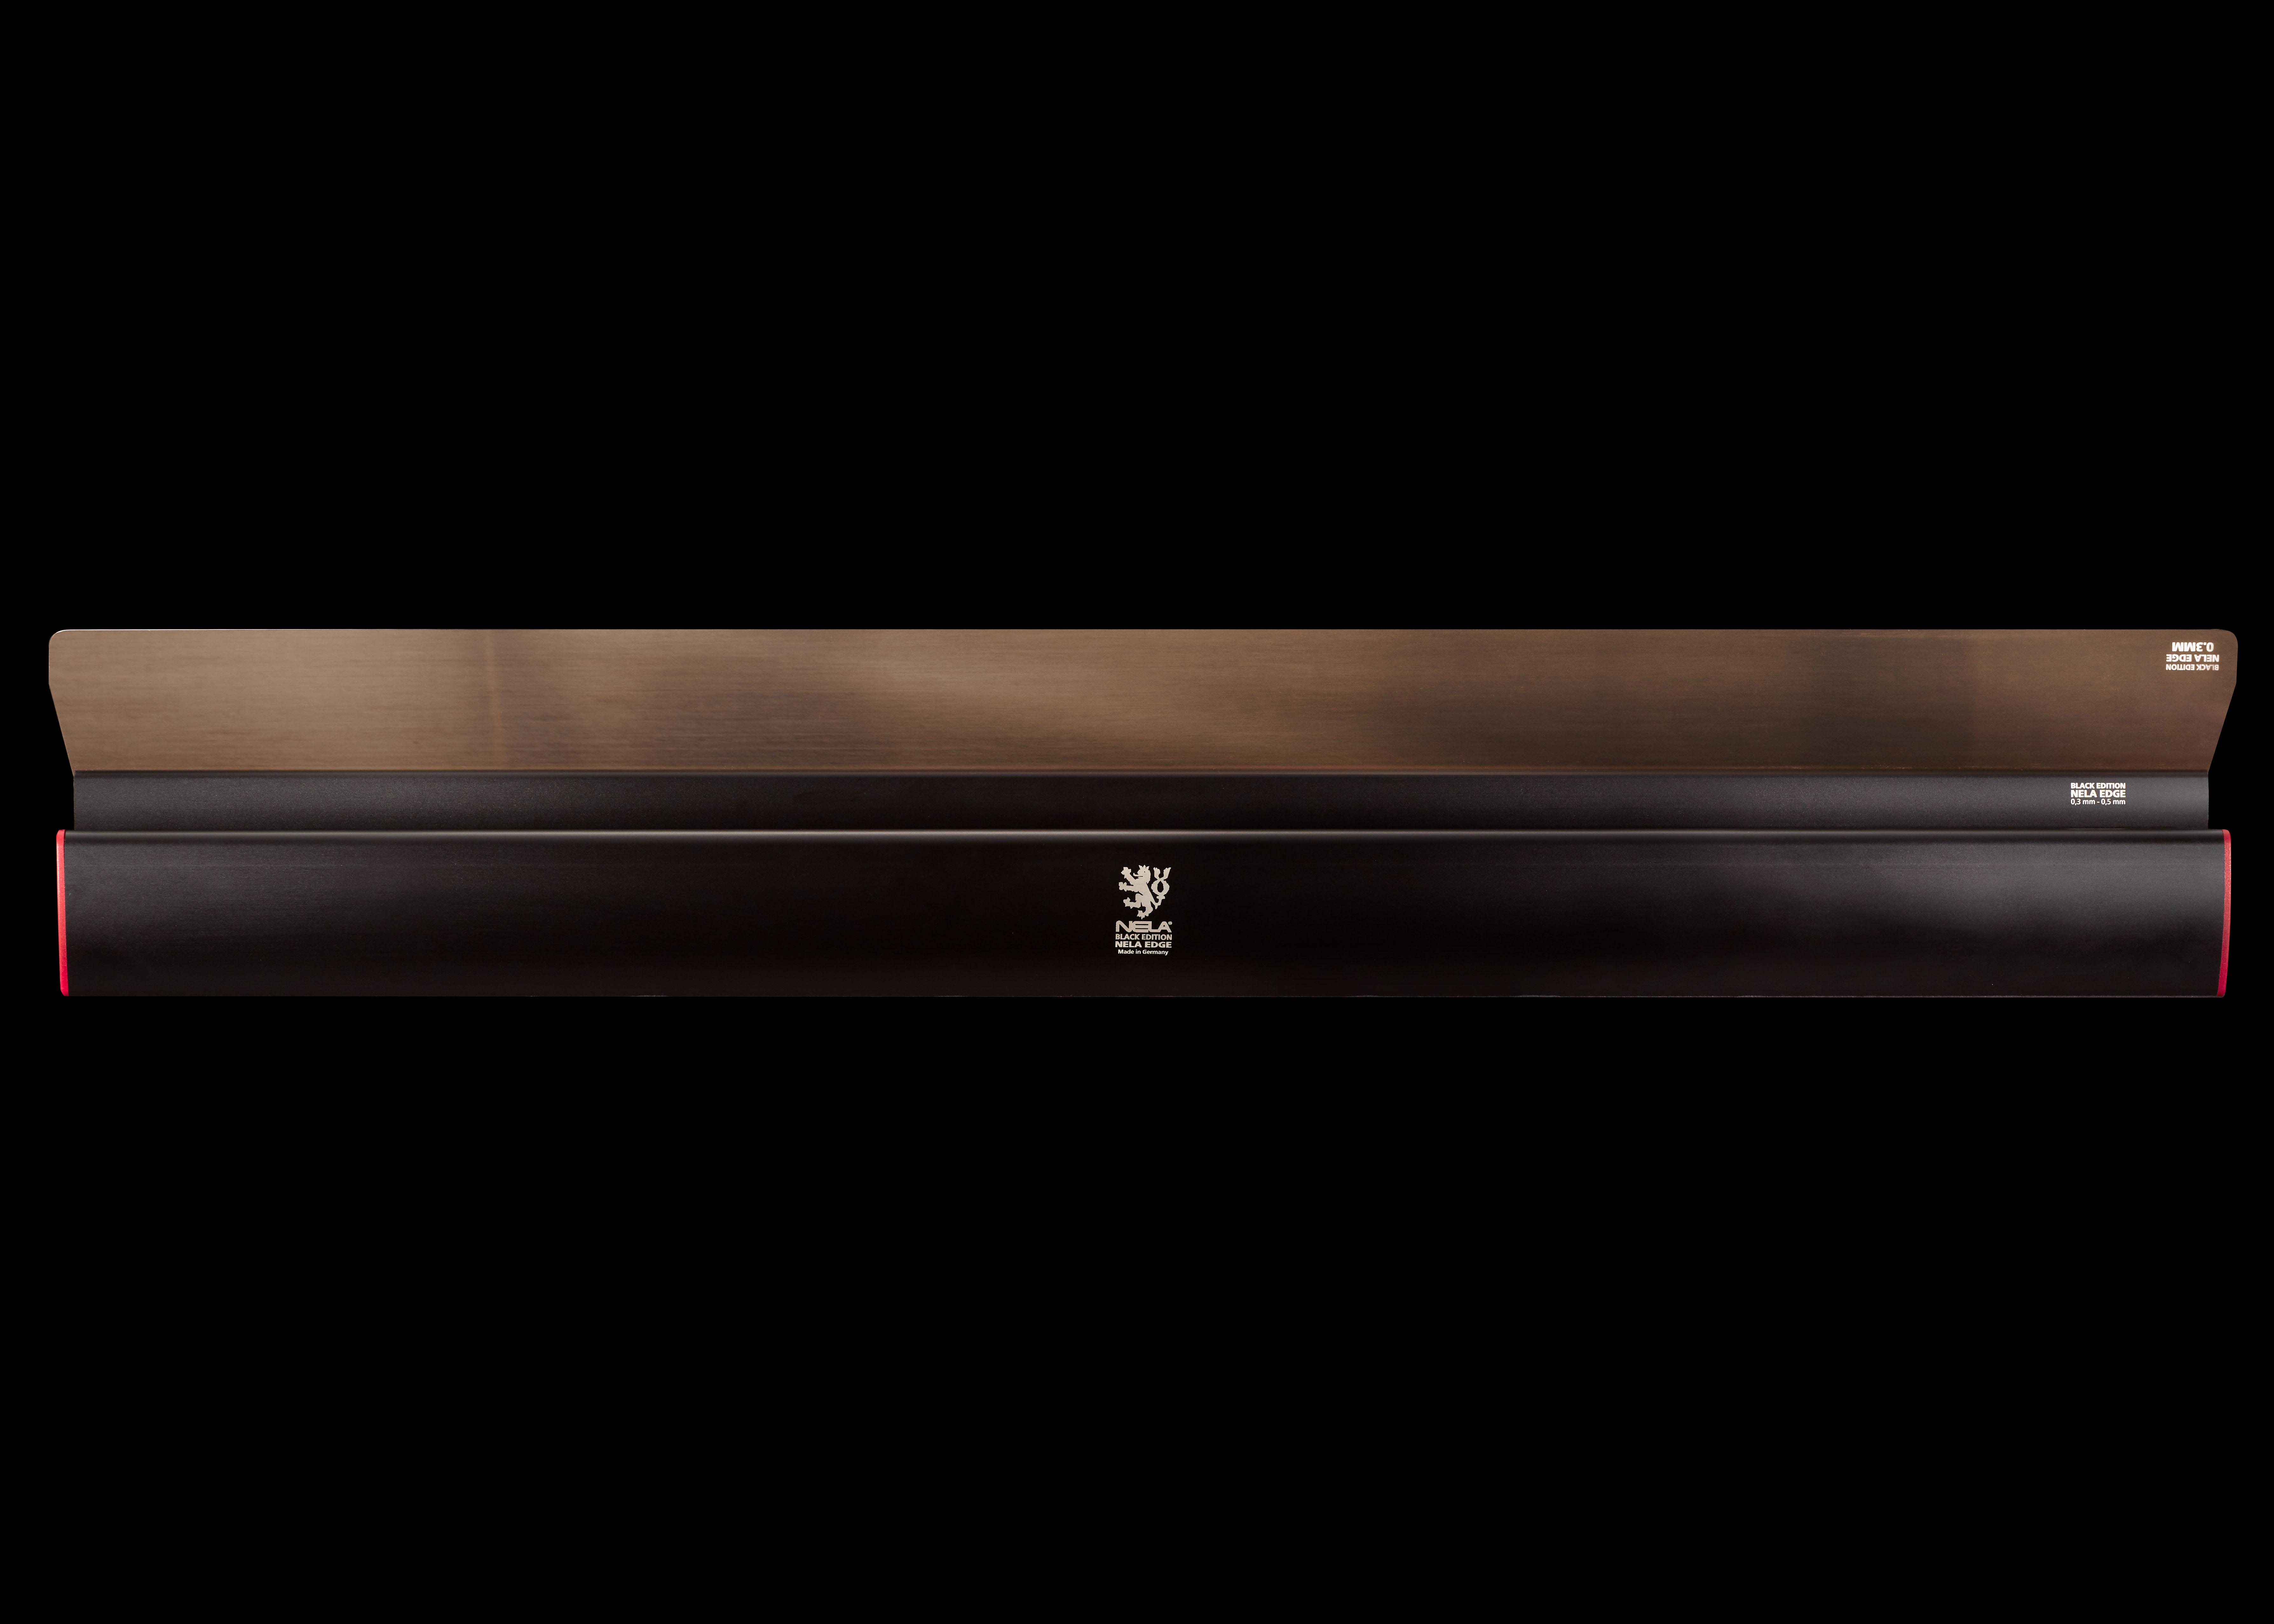 NELA Edge Black Edition Spatula 1000mm